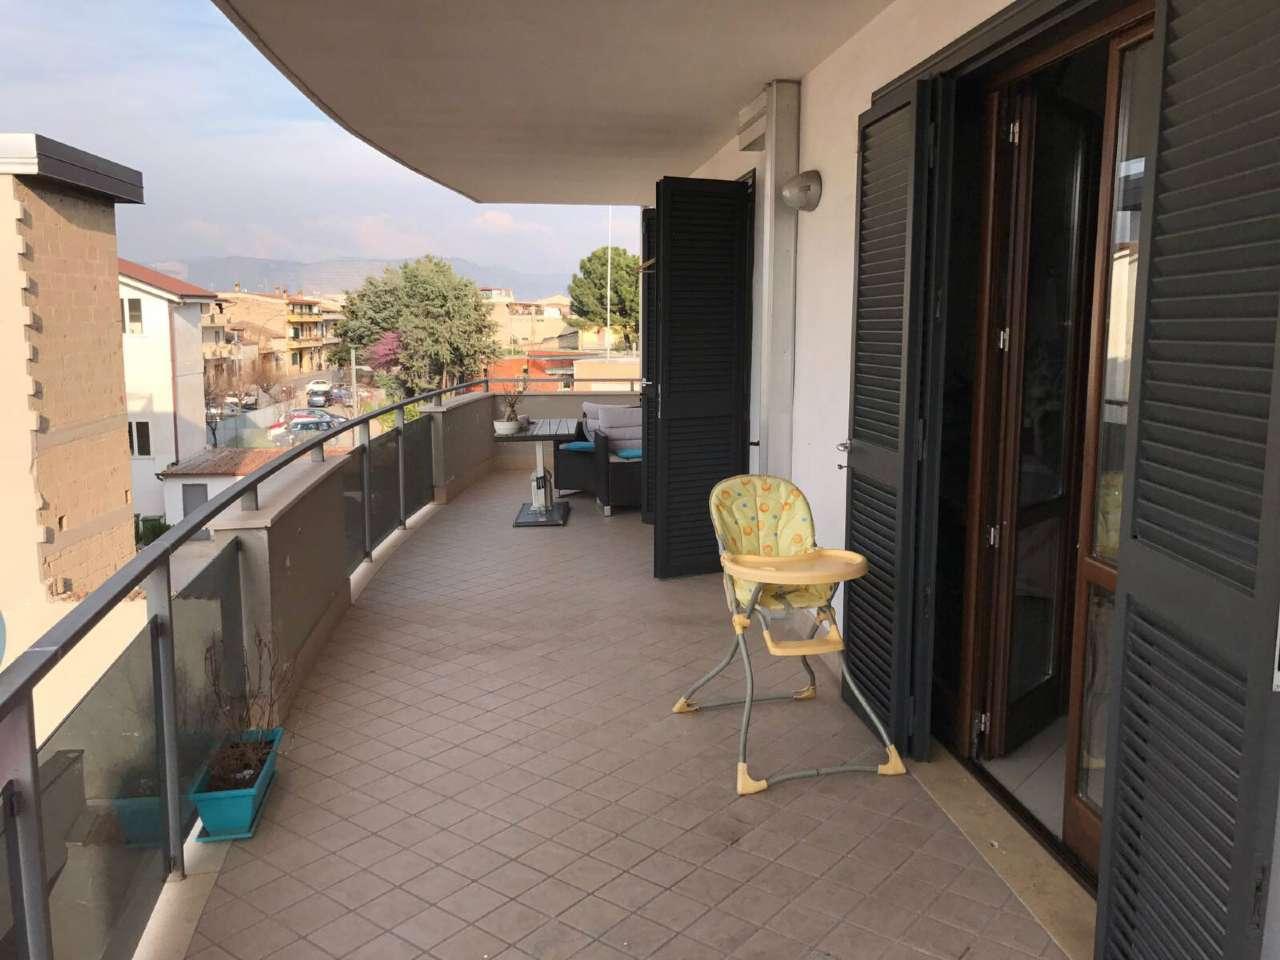 Appartamento in vendita a Capodrise, 4 locali, prezzo € 170.000 | Cambio Casa.it